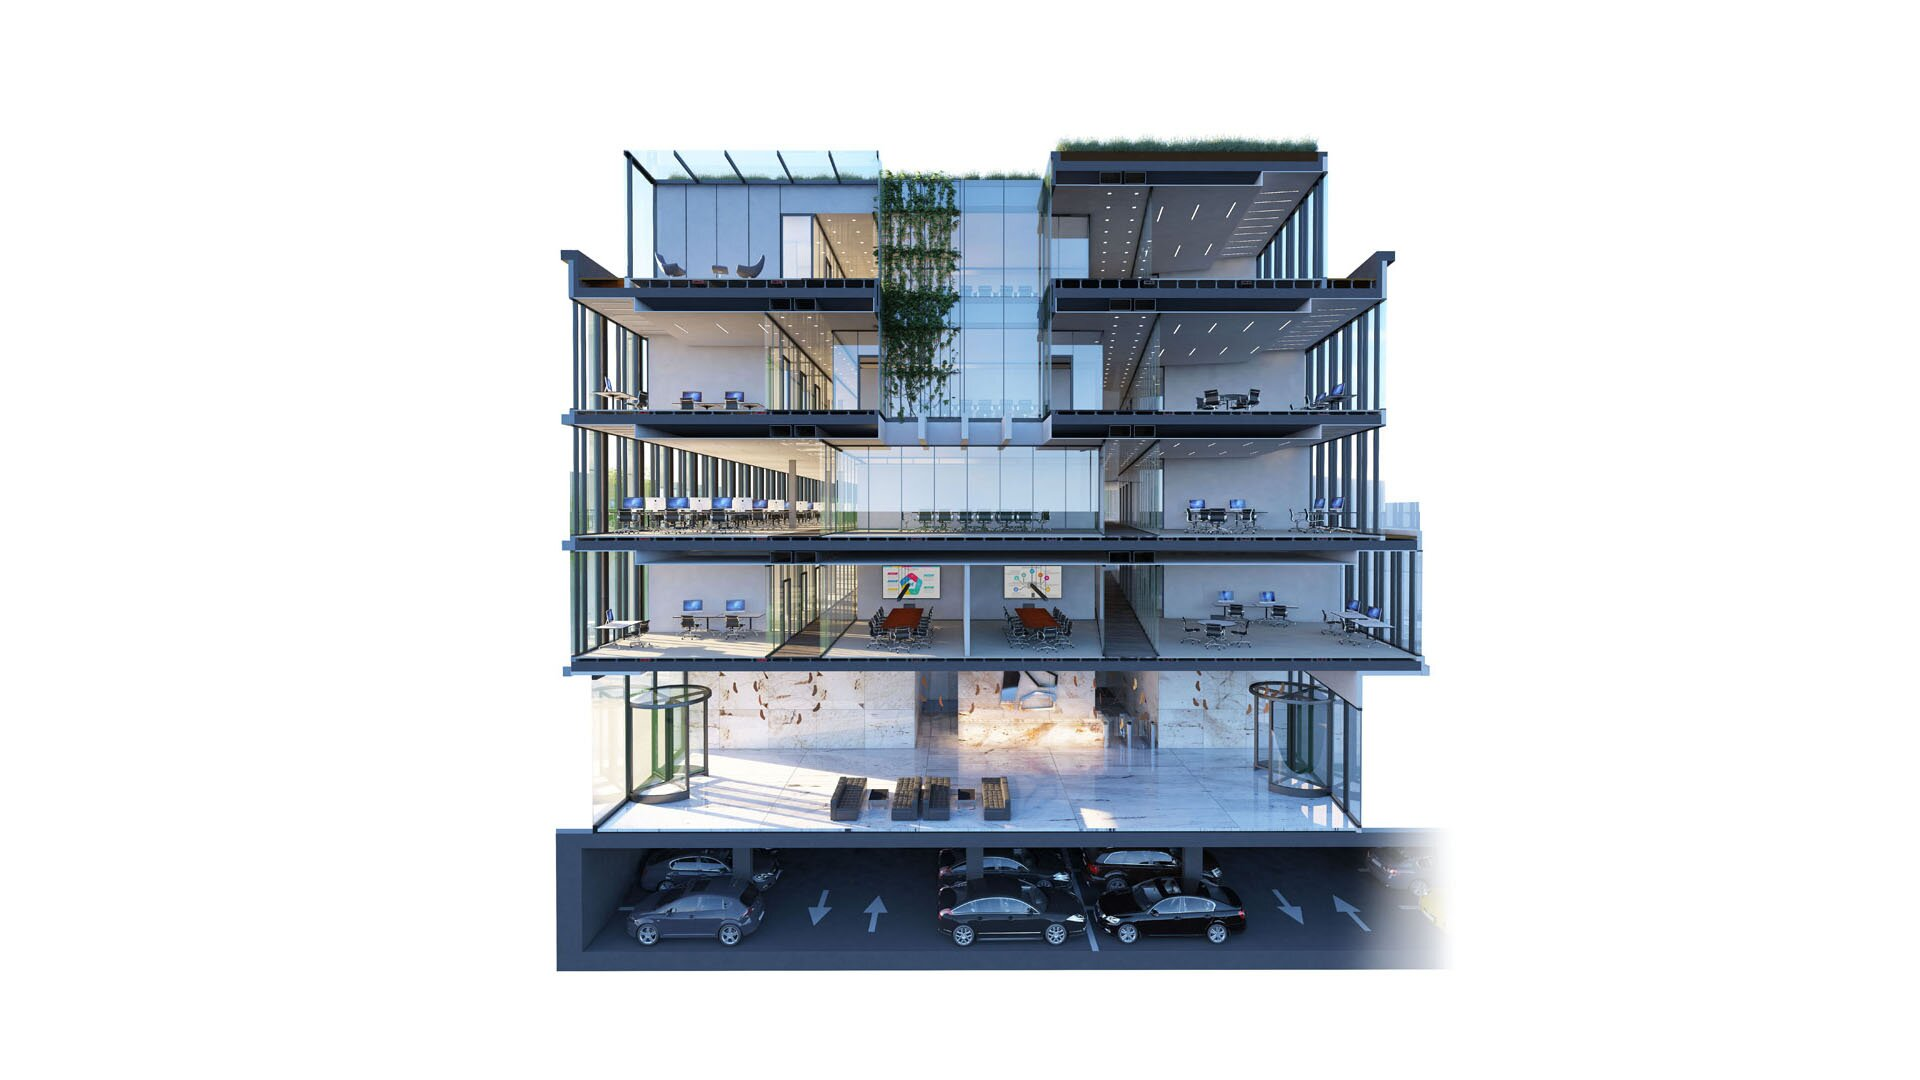 fotorealistczna wizualizacja pokazująca przekrój budynku